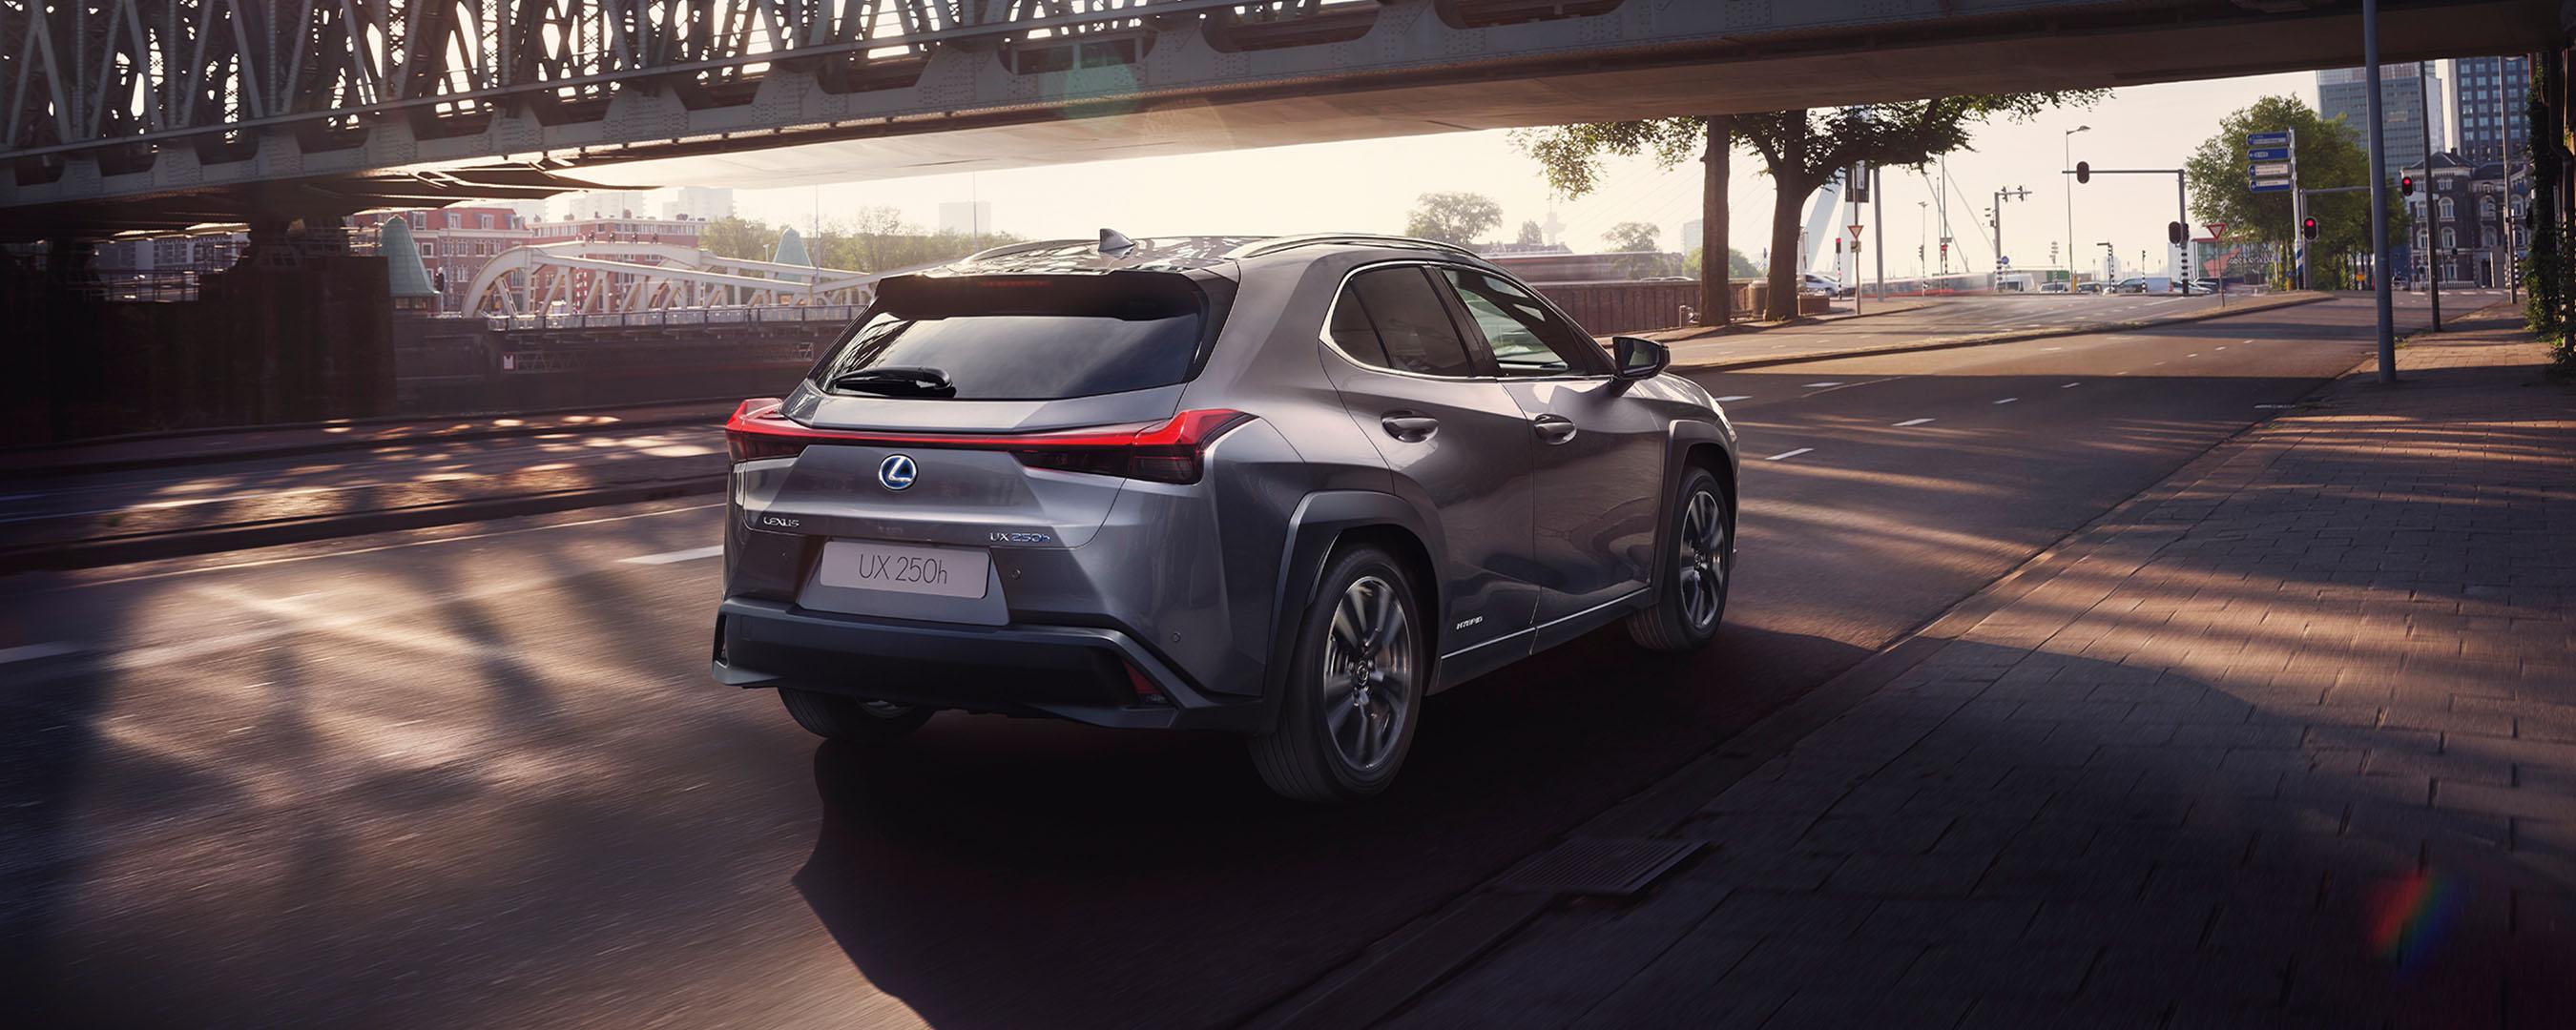 Lexus UX von hinten